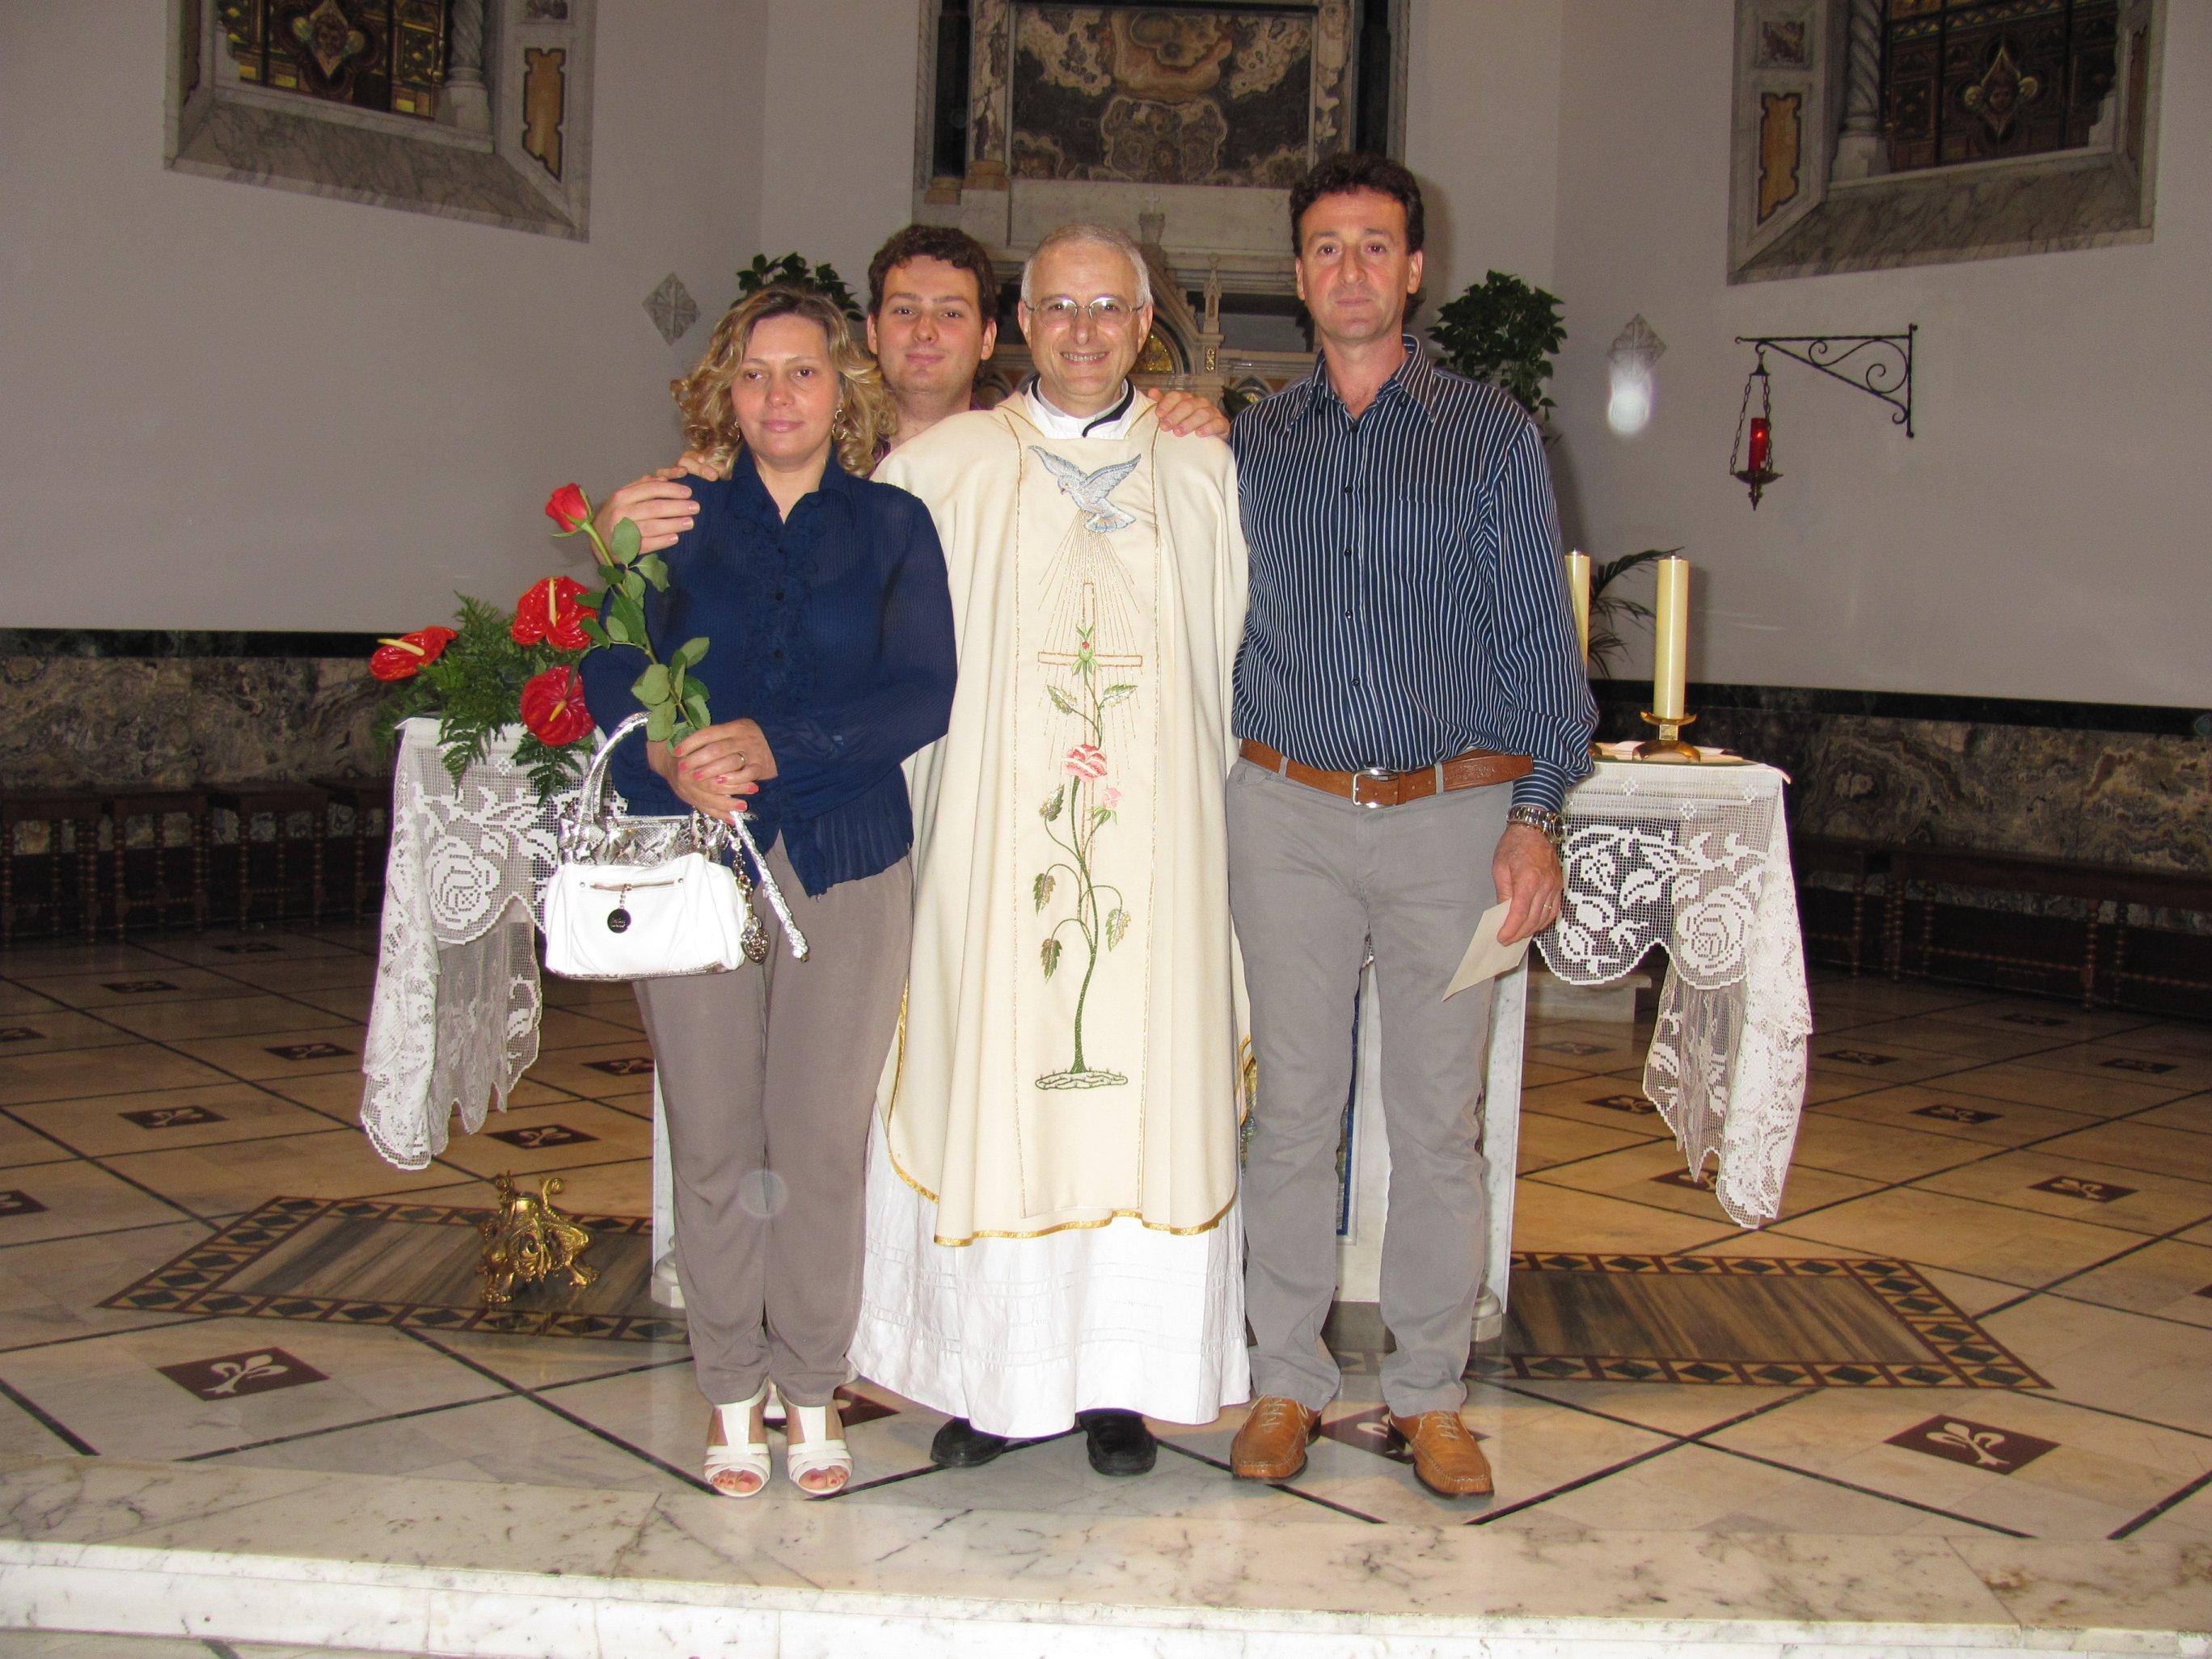 anniversari_di_matrimonio_e_di_ordinazione_2012-06-03-11-34-26